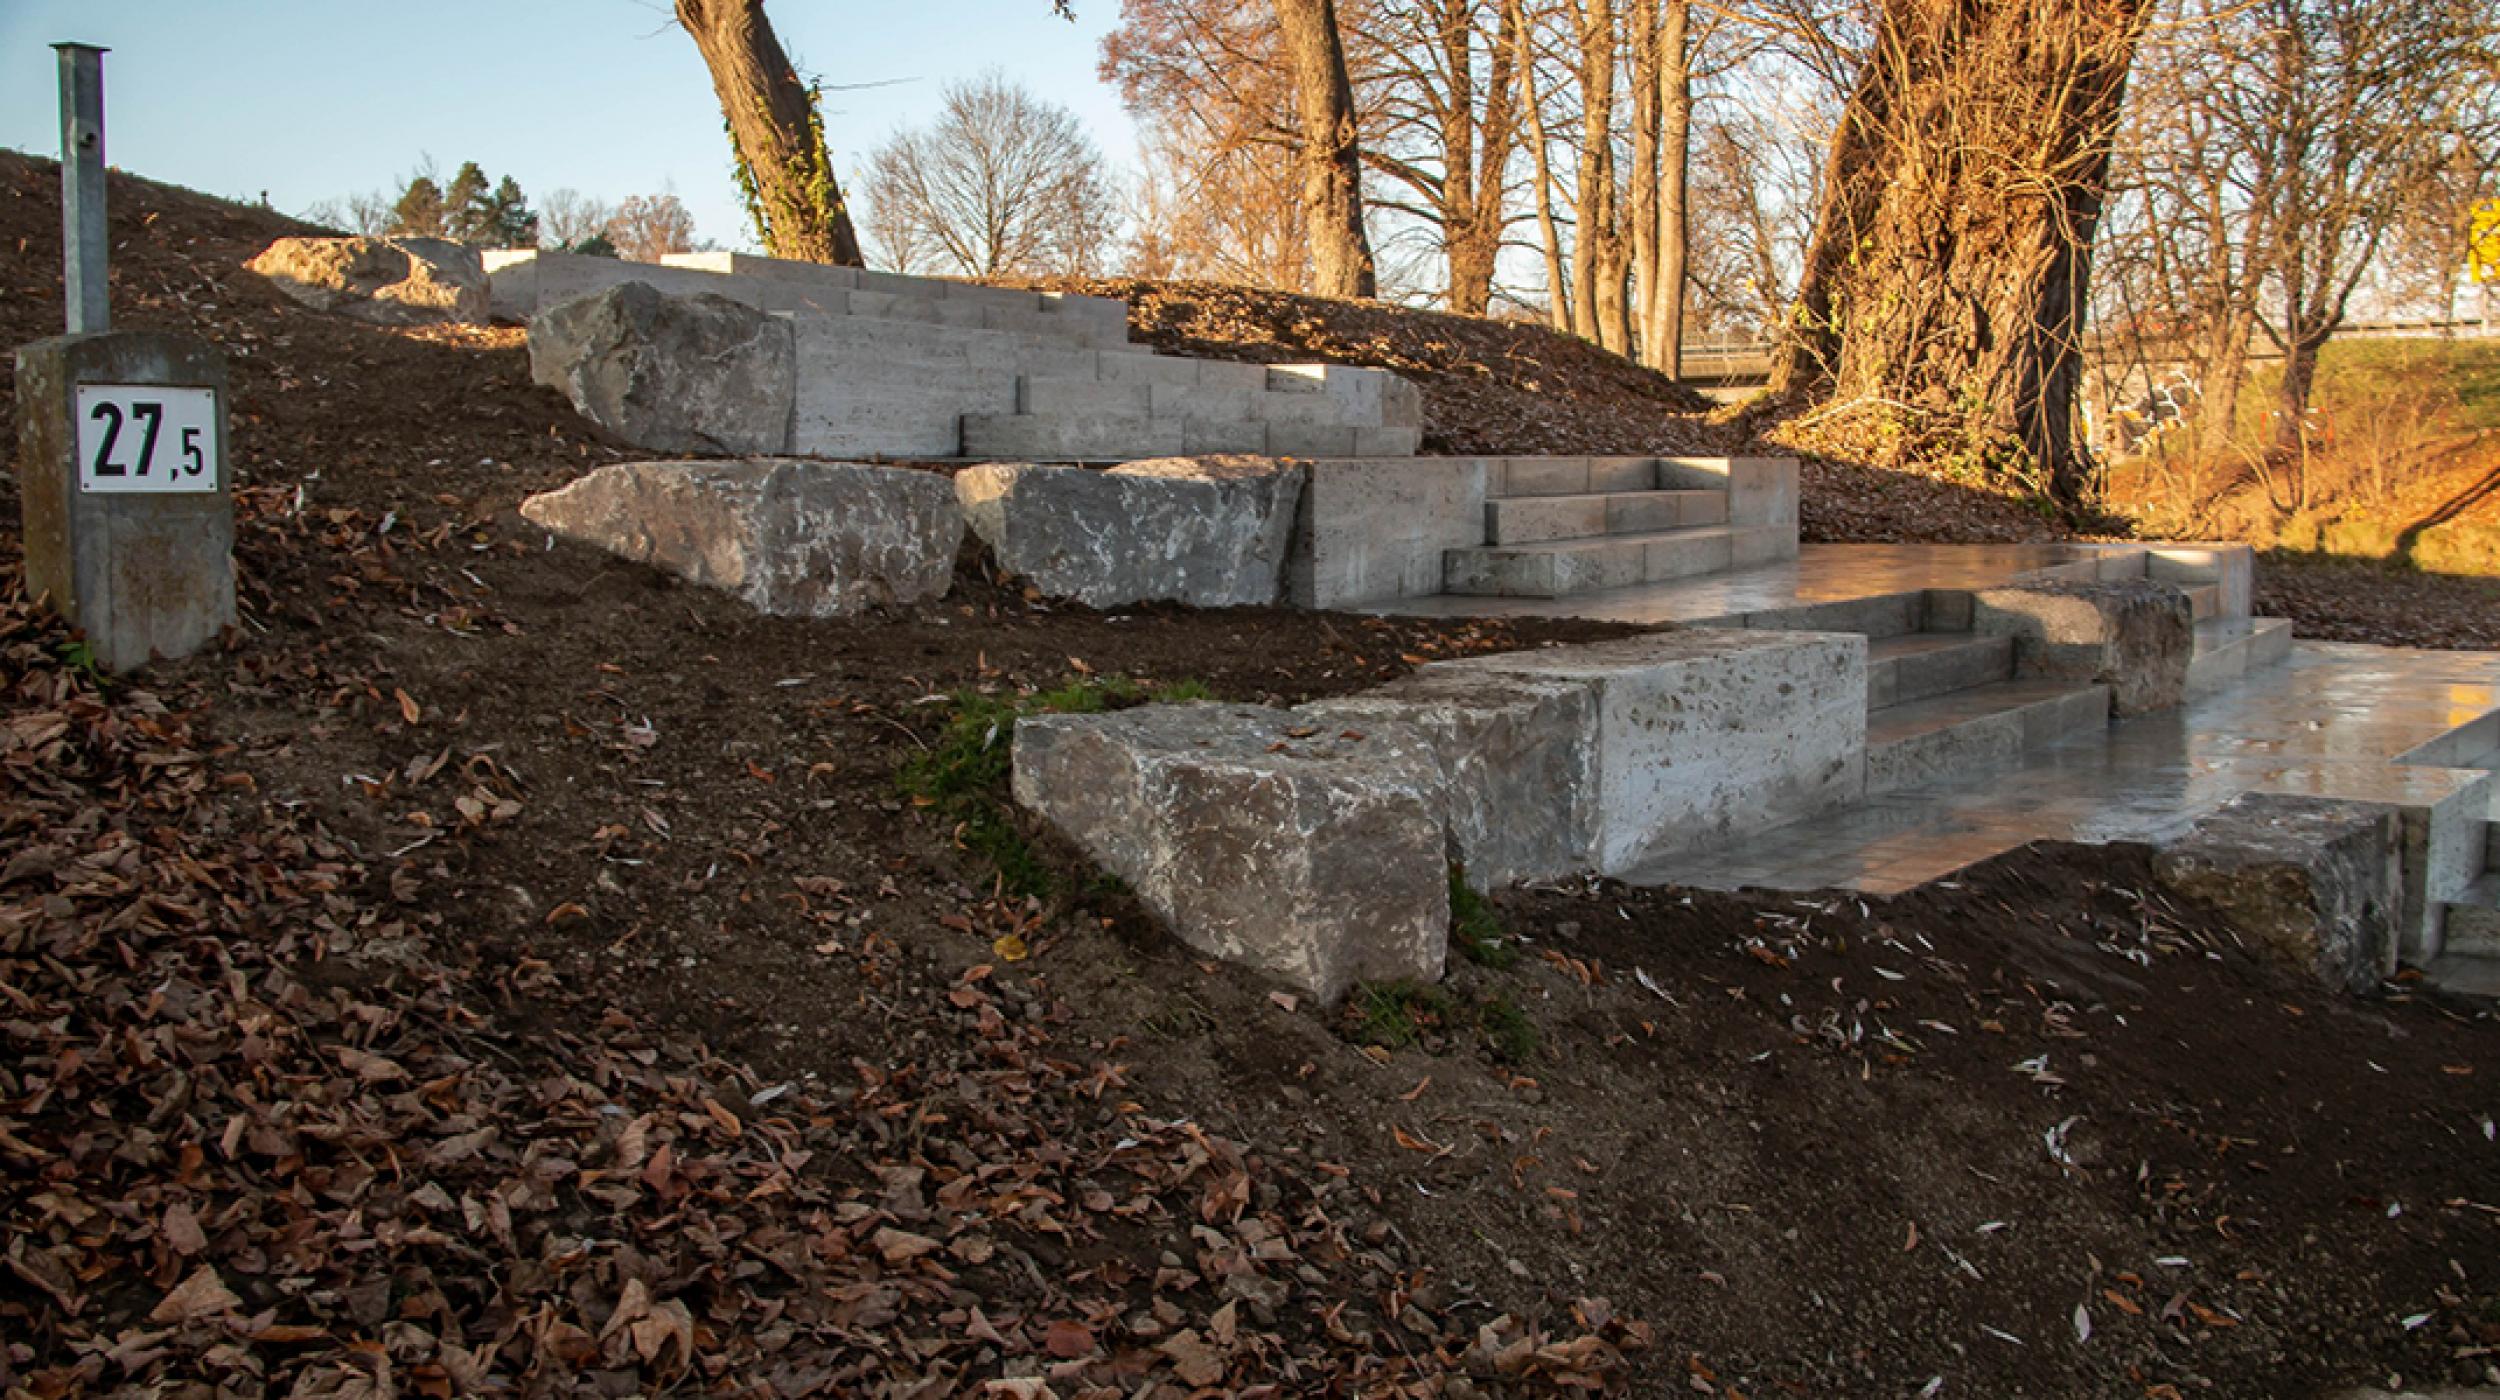 Sitztreppen am Hang aus großen Steinen